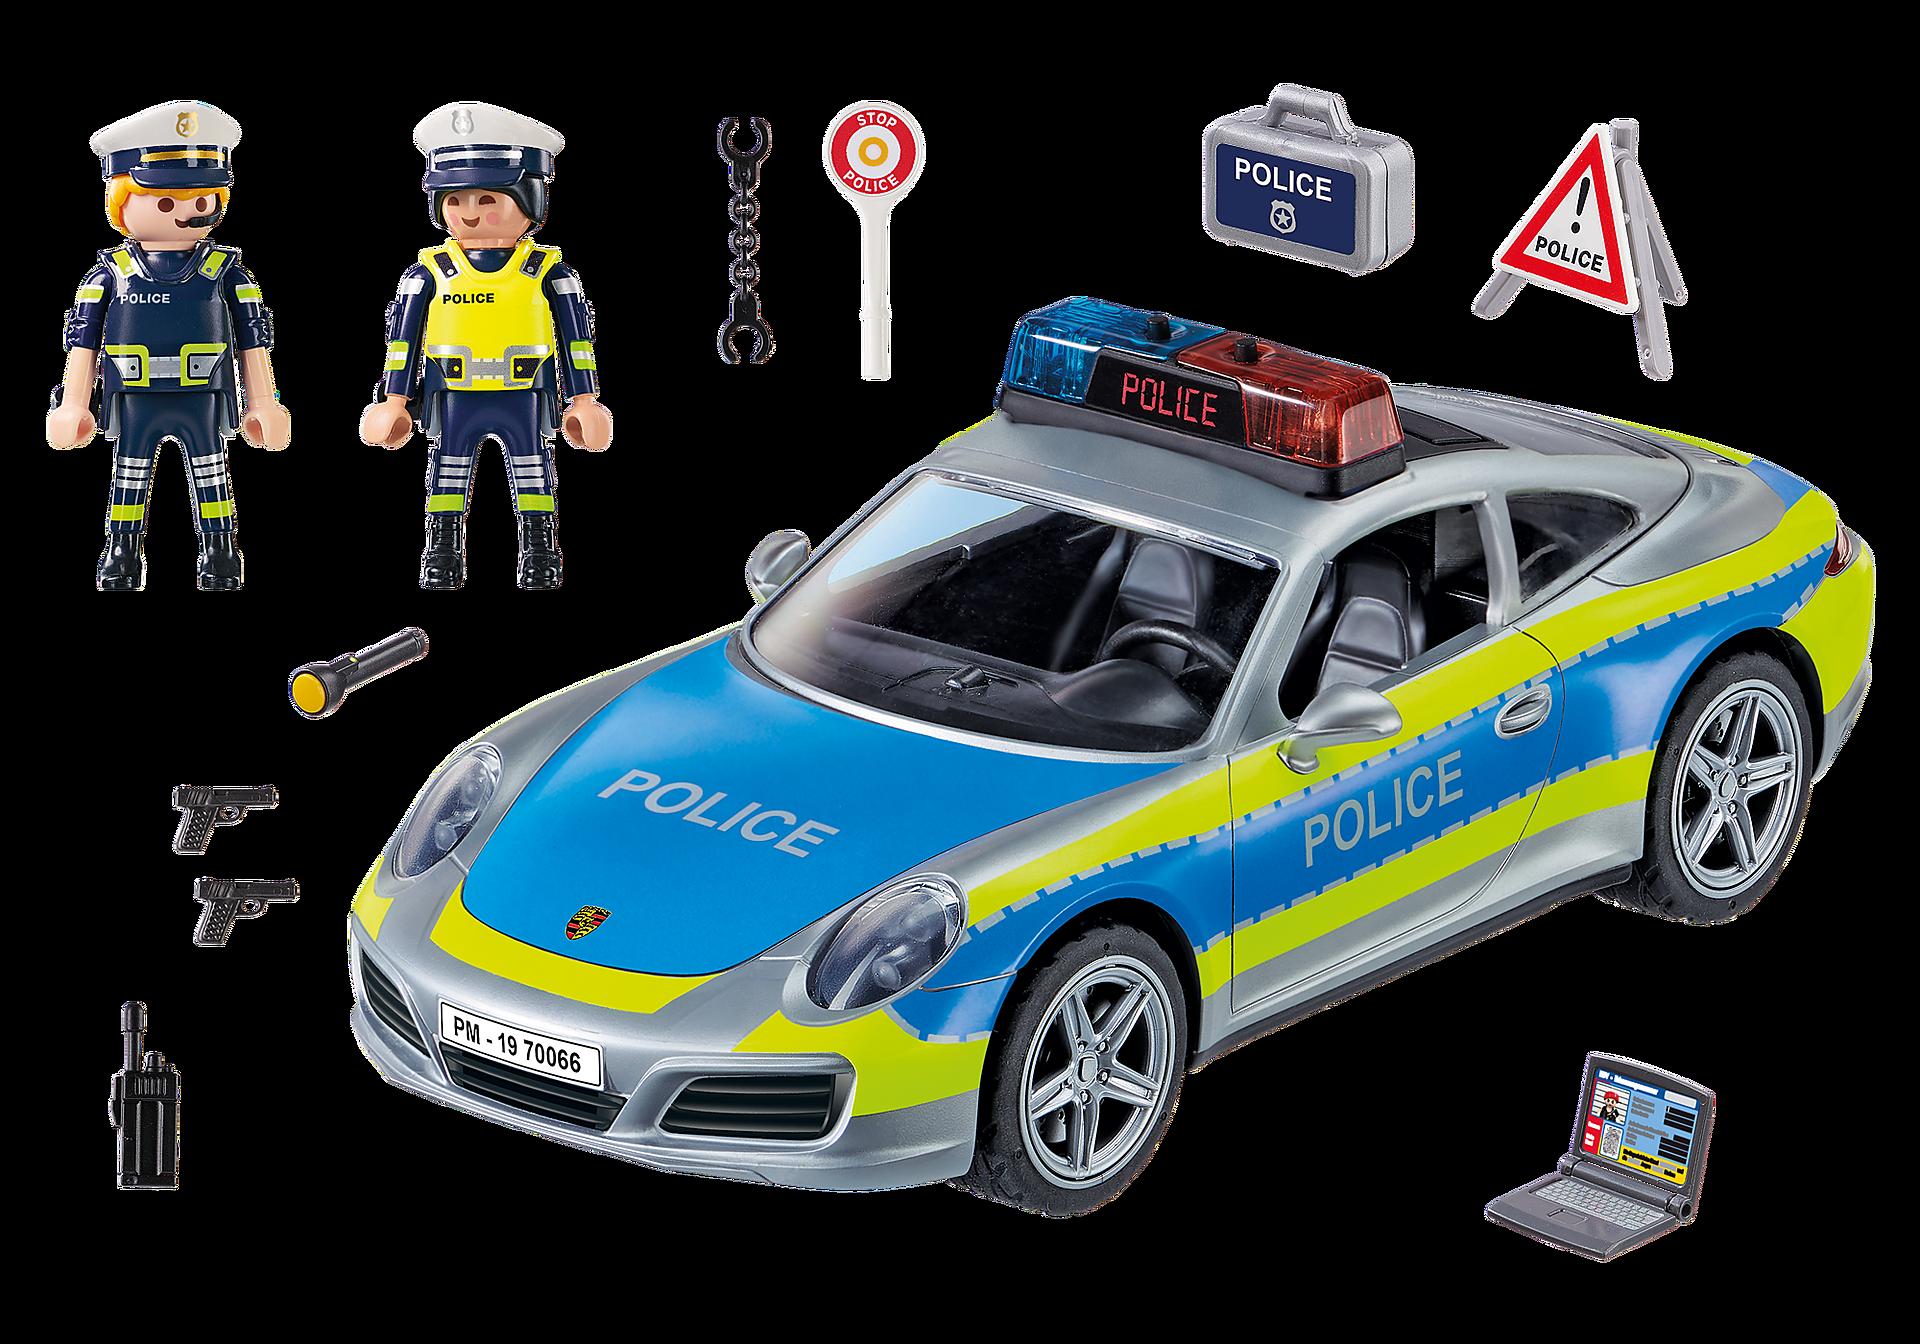 70066 Porsche 911 Carrera 4S Politie zoom image3